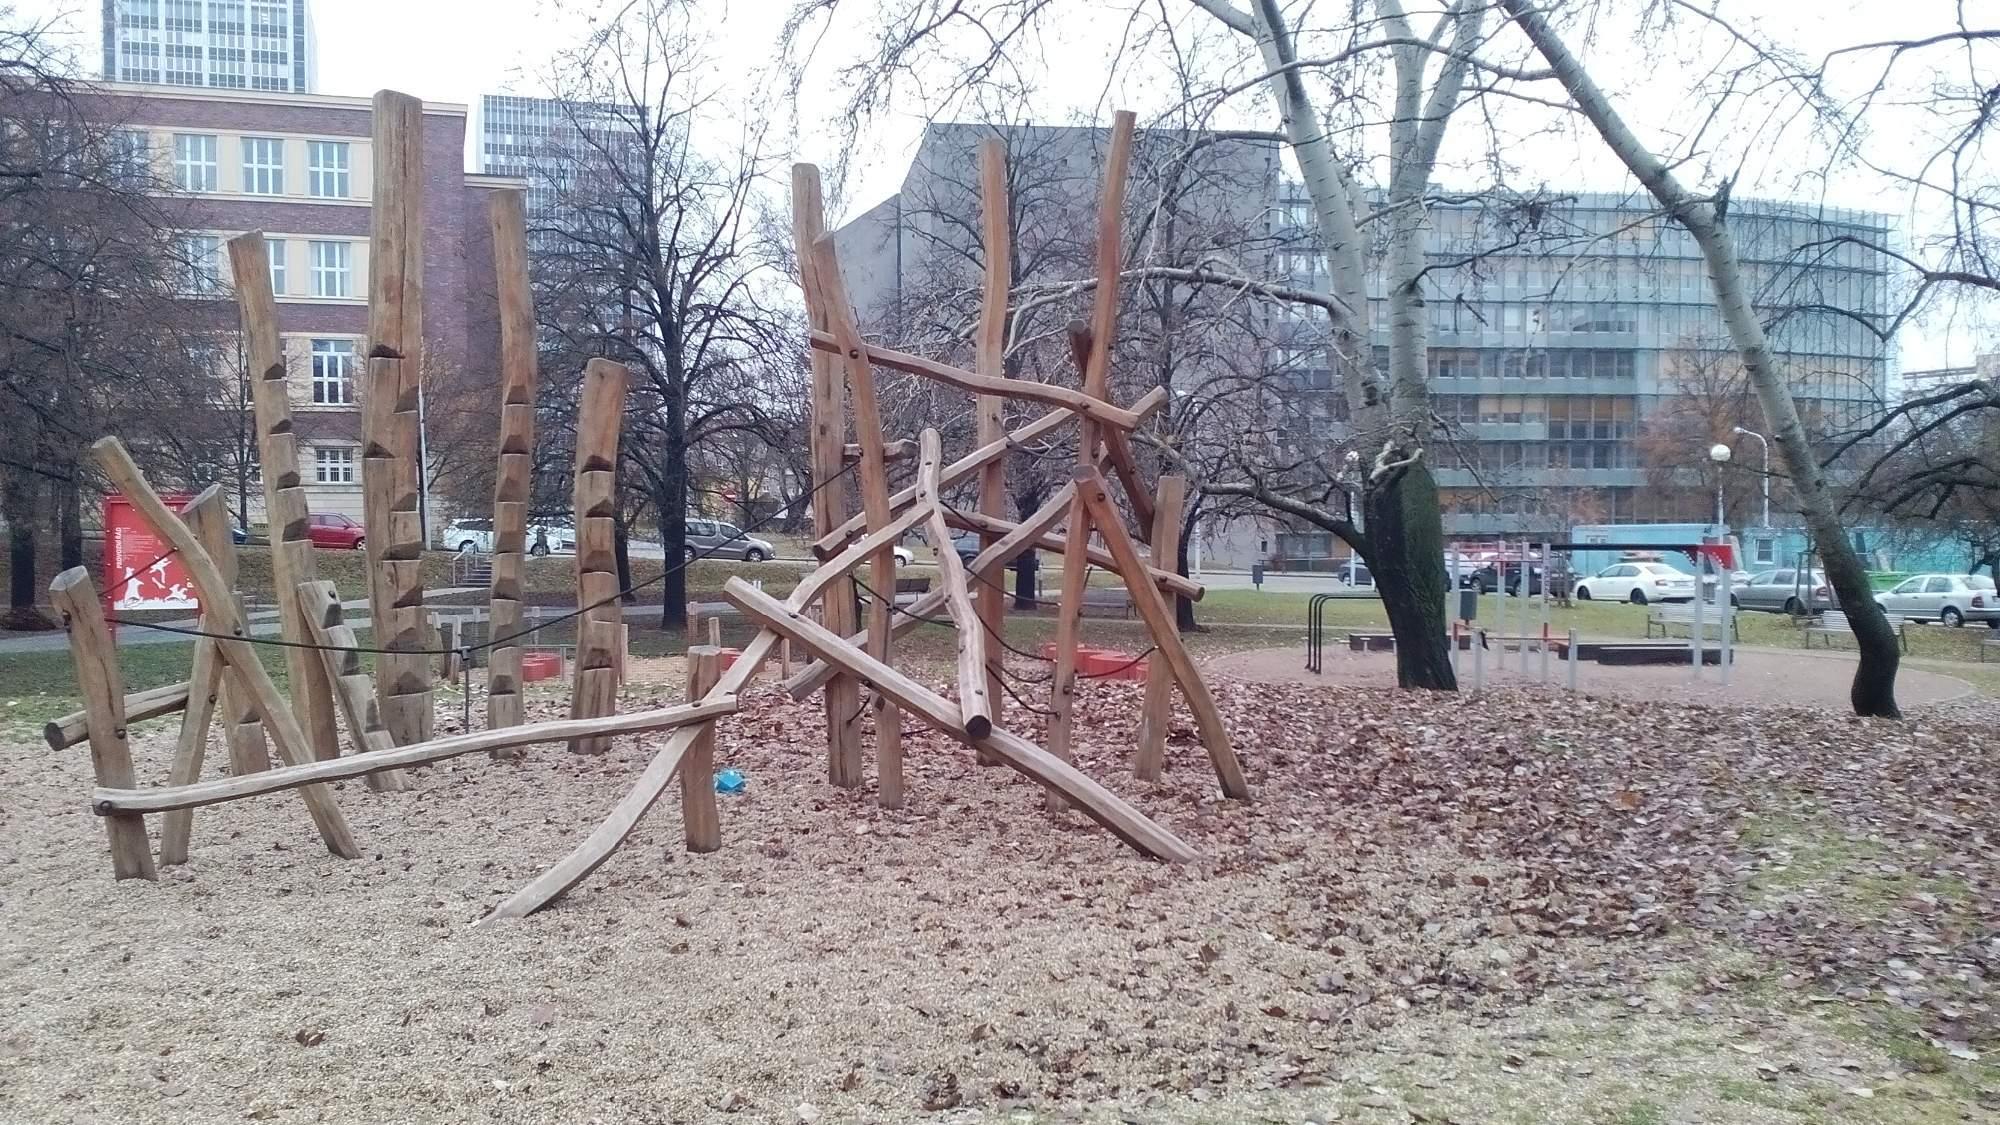 Prázdné dětské a workout hřiště